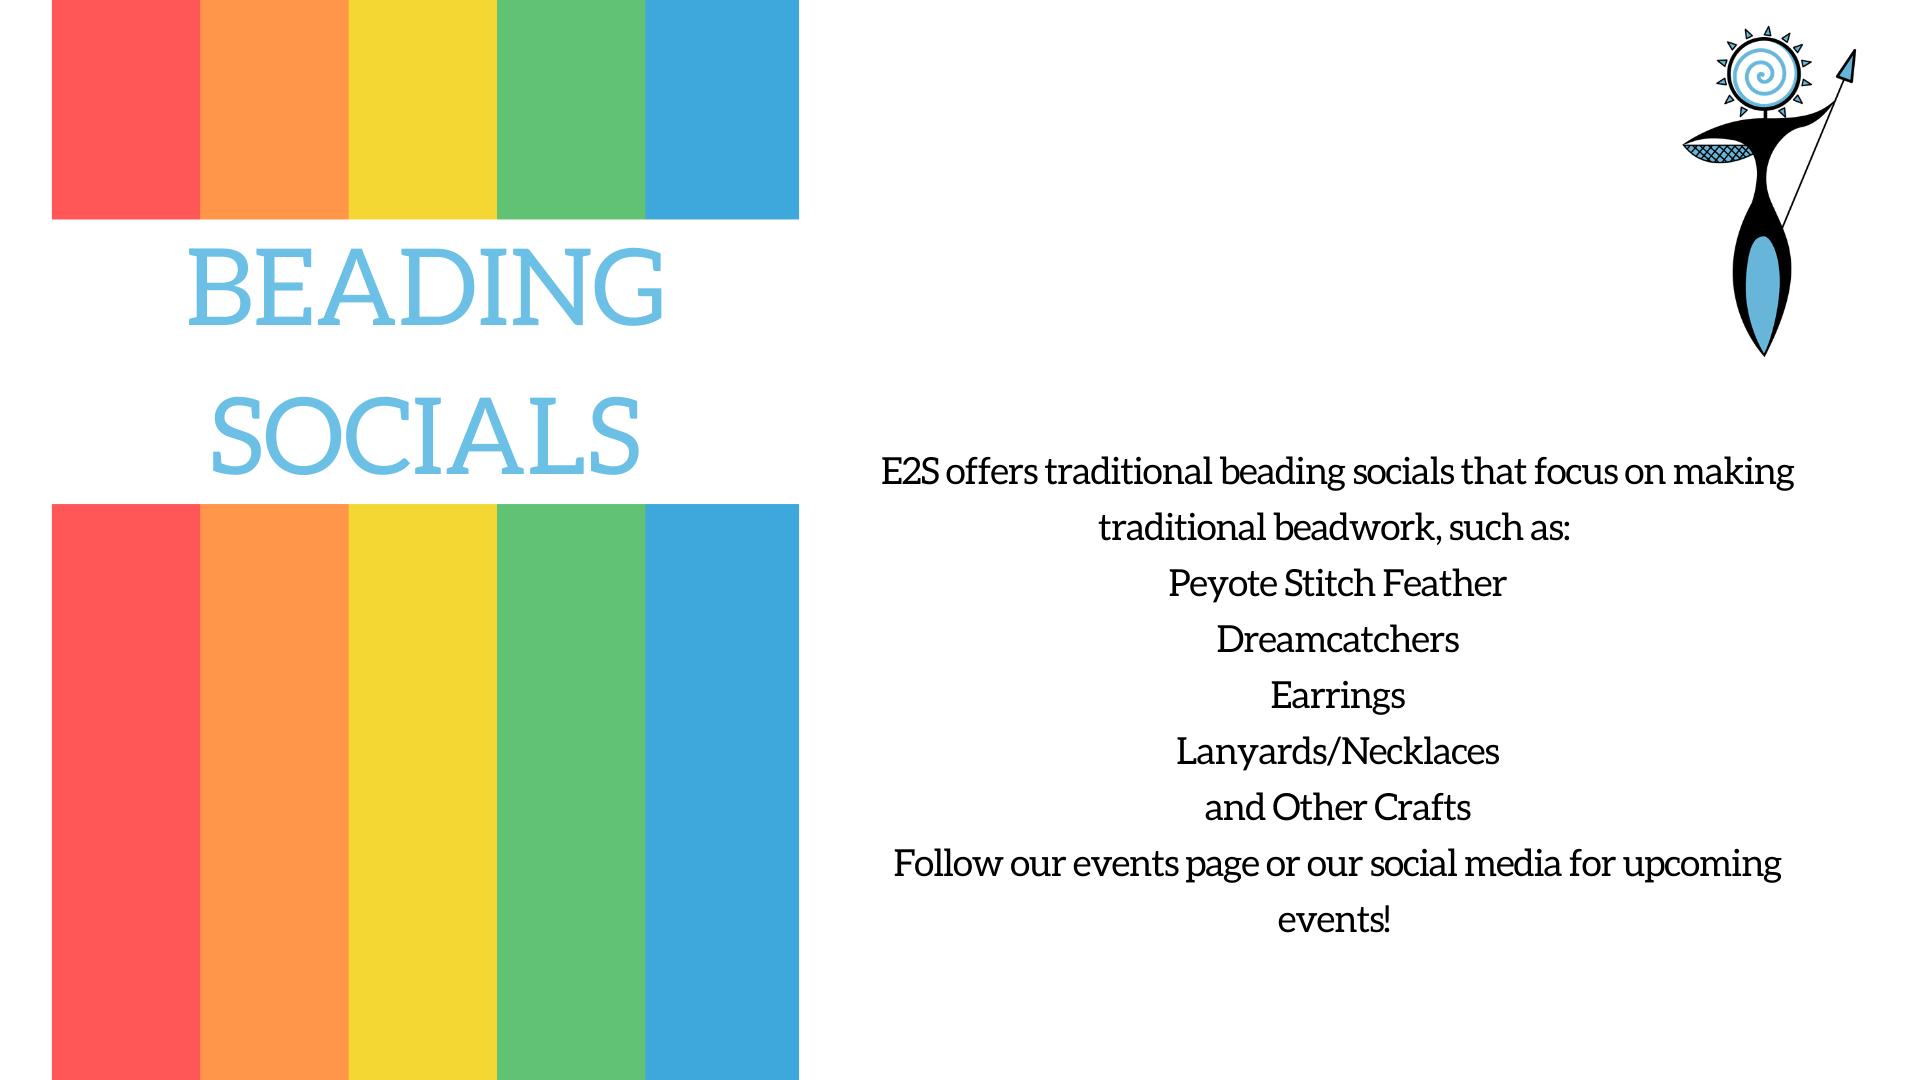 Website - Beading Socials